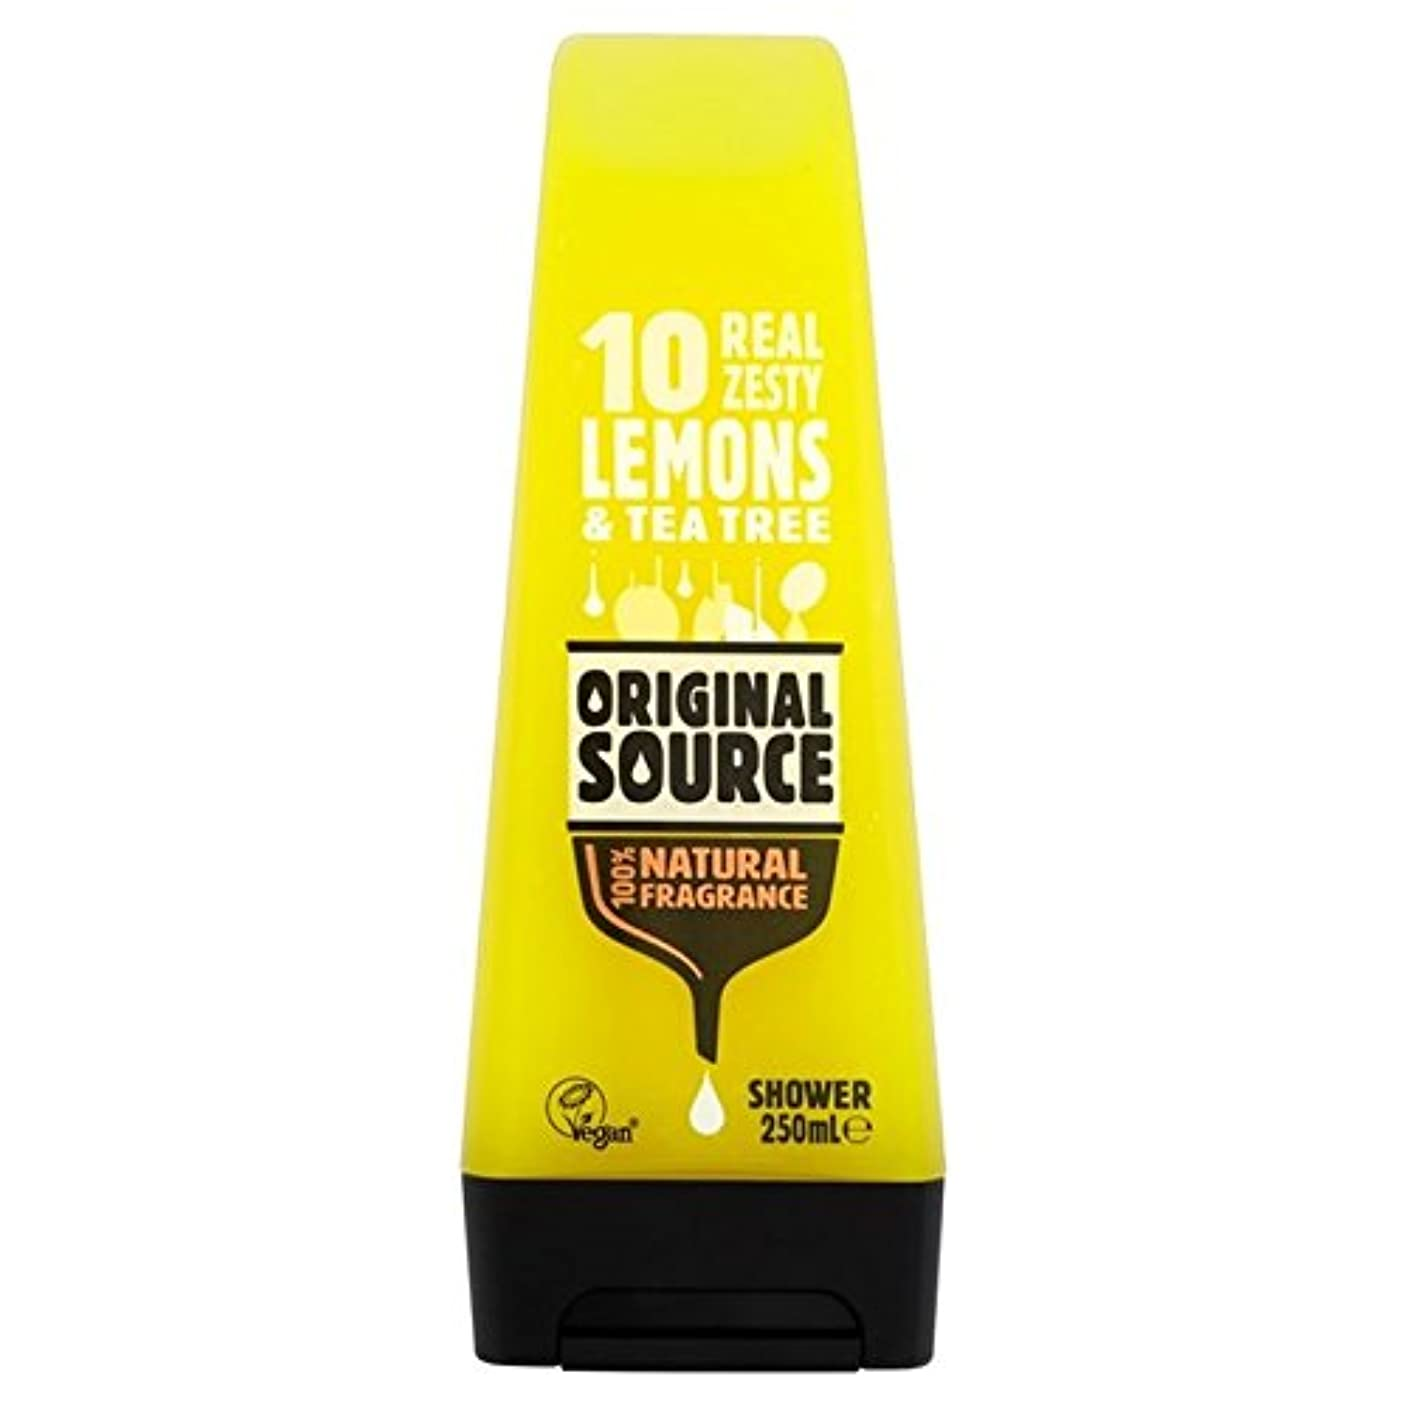 ハンディ休戦レーダー元のソースのレモンシャワージェル250ミリリットル x2 - Original Source Lemon Shower Gel 250ml (Pack of 2) [並行輸入品]